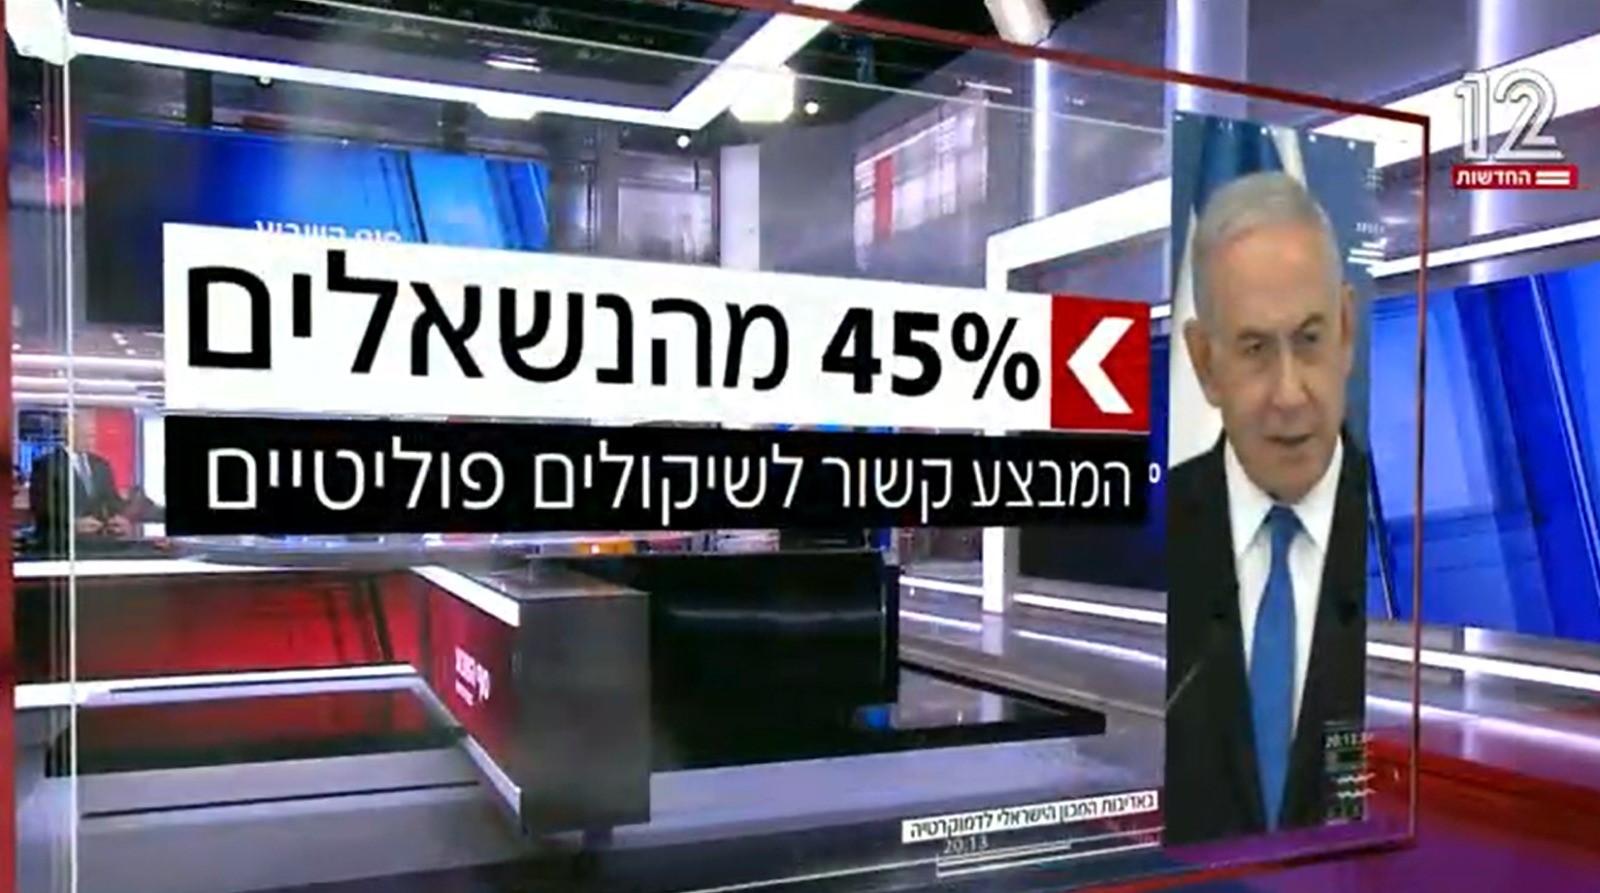 """סקר בחירות בערוץ 13: המשותפת מתחזקת ורע""""מ לא עוברת את אחוז החסימה"""